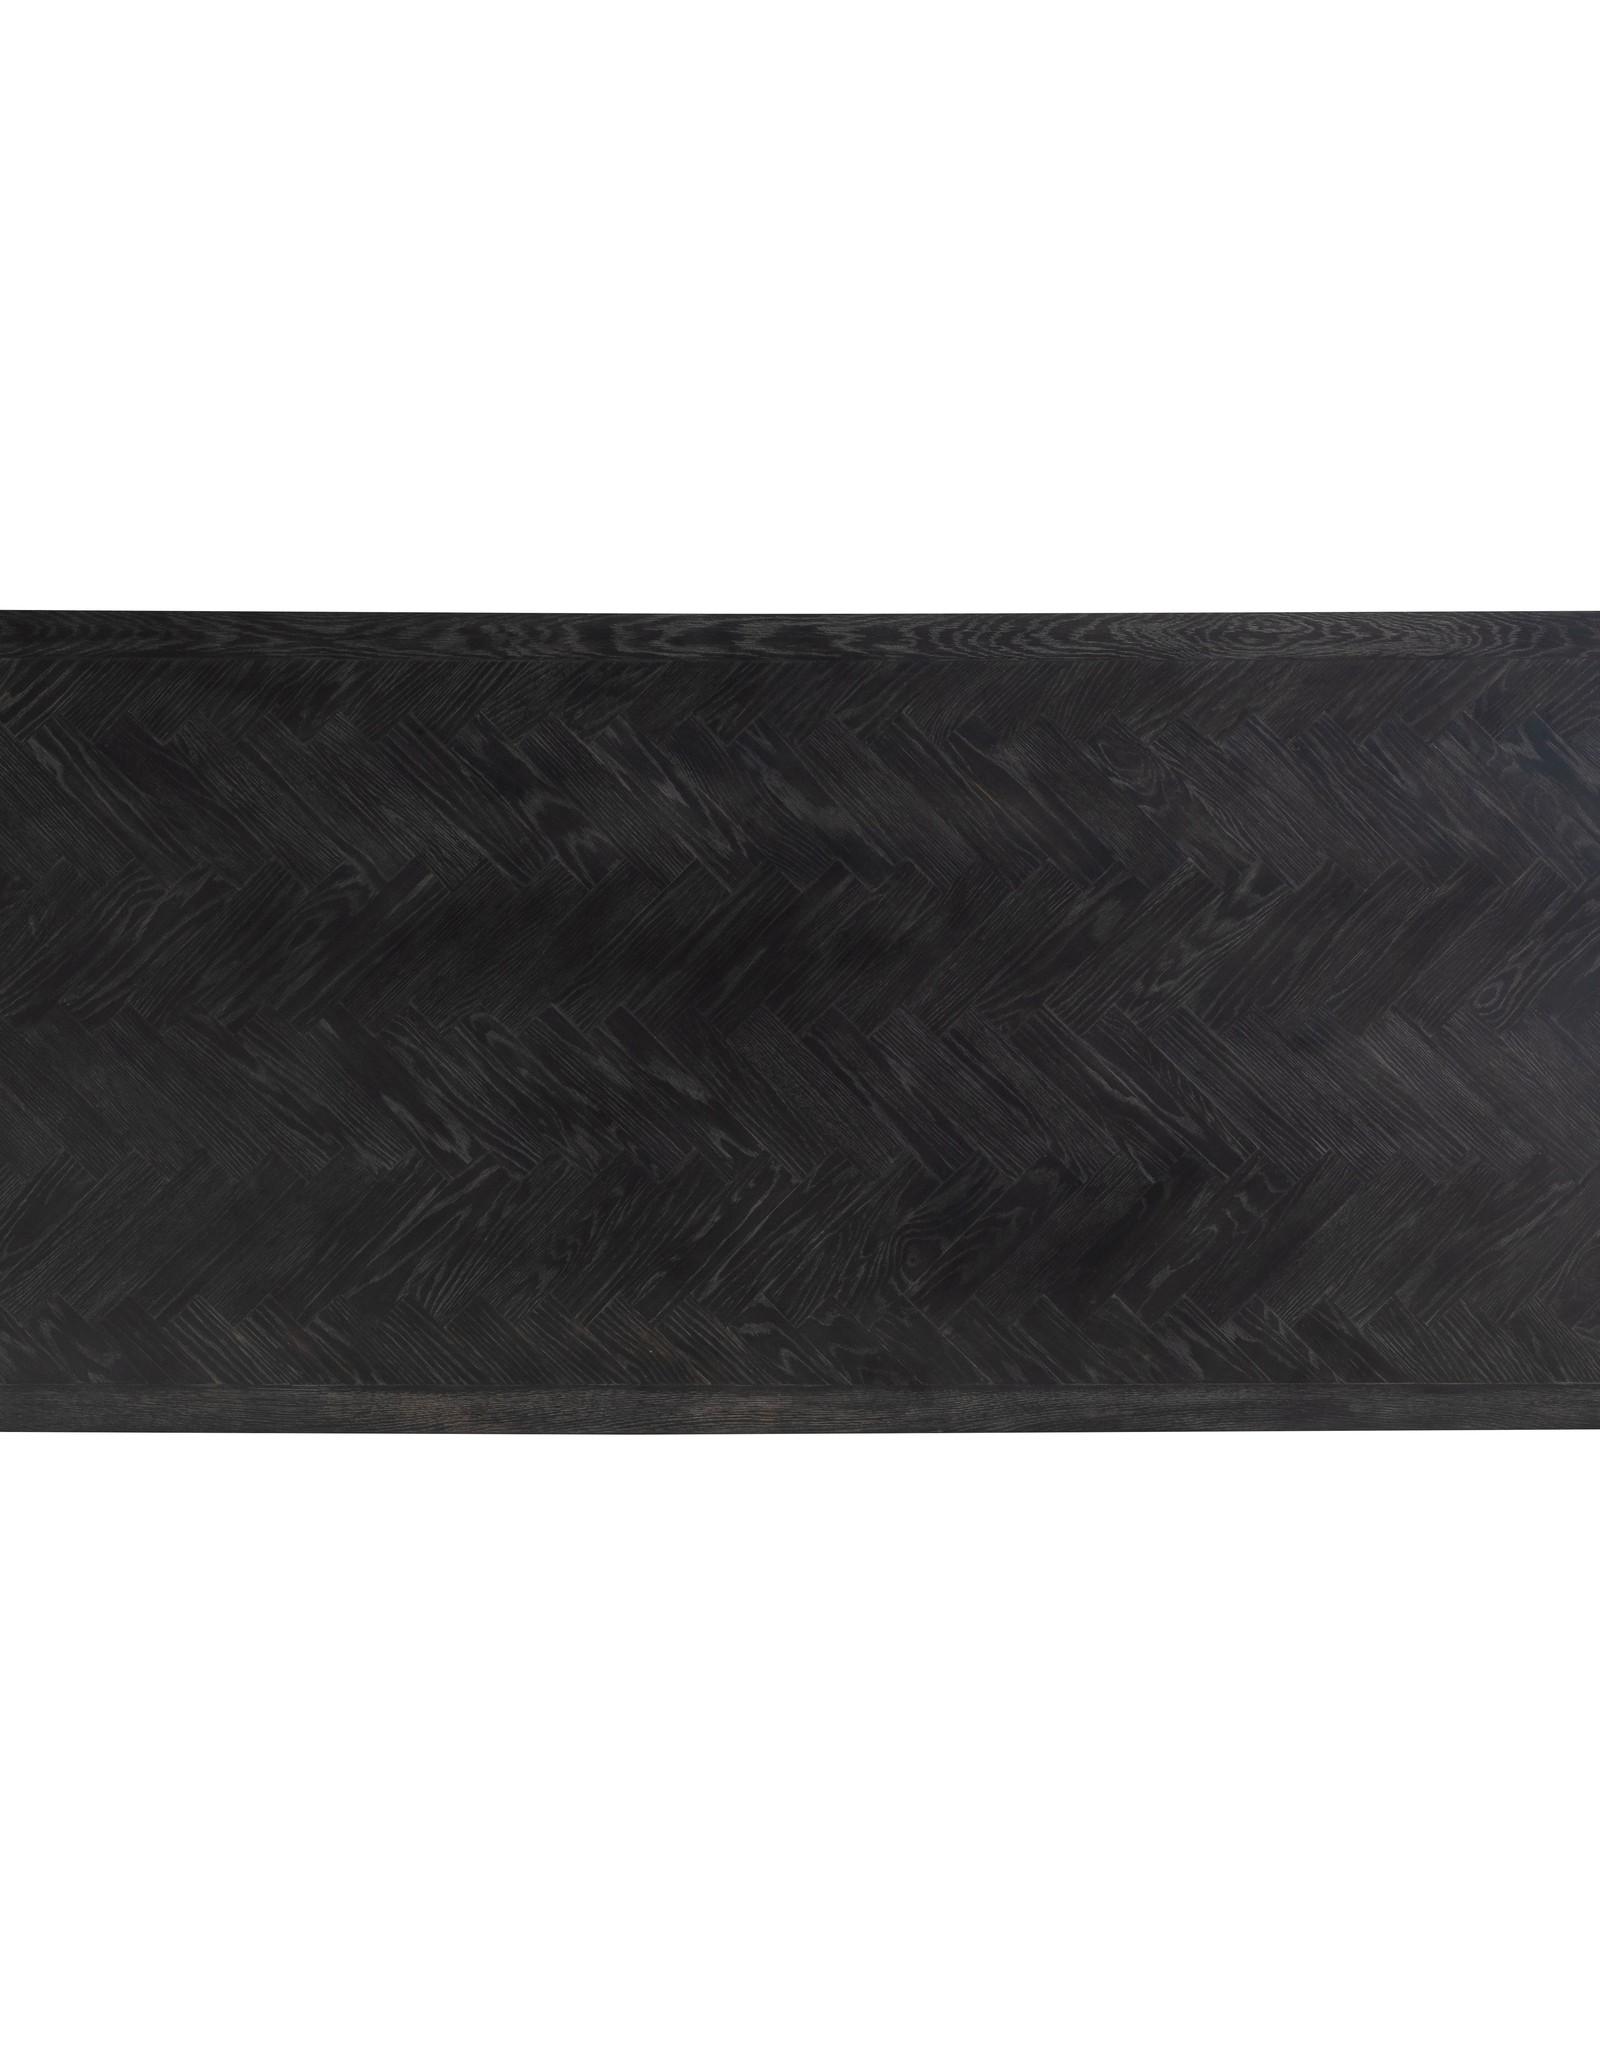 Richmond Interiors Eettafel Blackbone Matrix gold 240x100